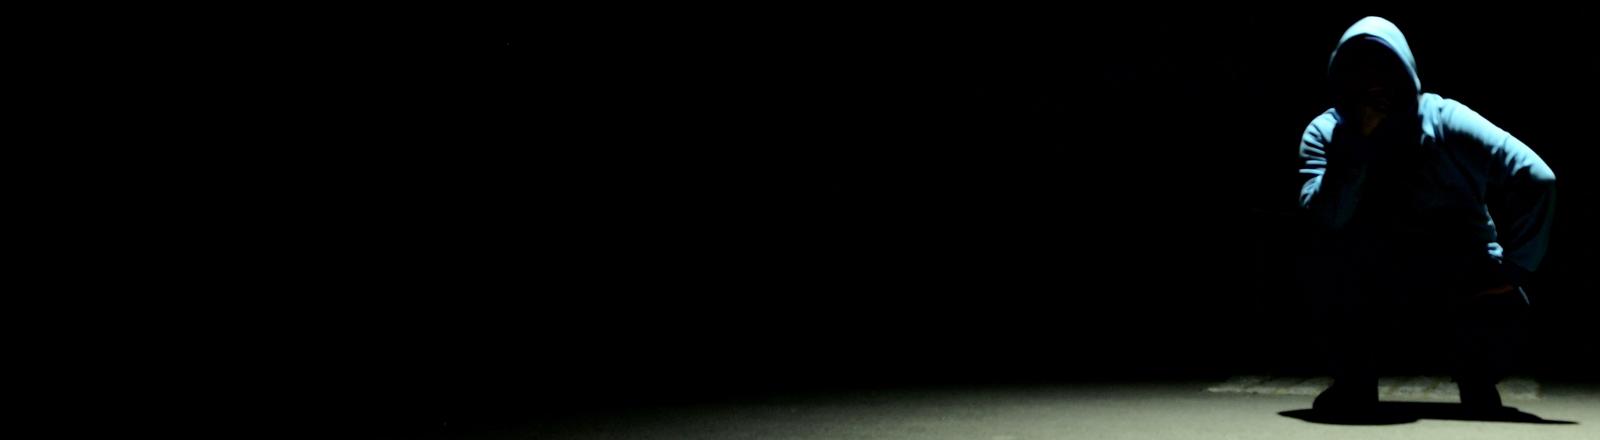 Ein Mann mit Kapuzenpulli hock im Schatten. Sehr mysteriös!